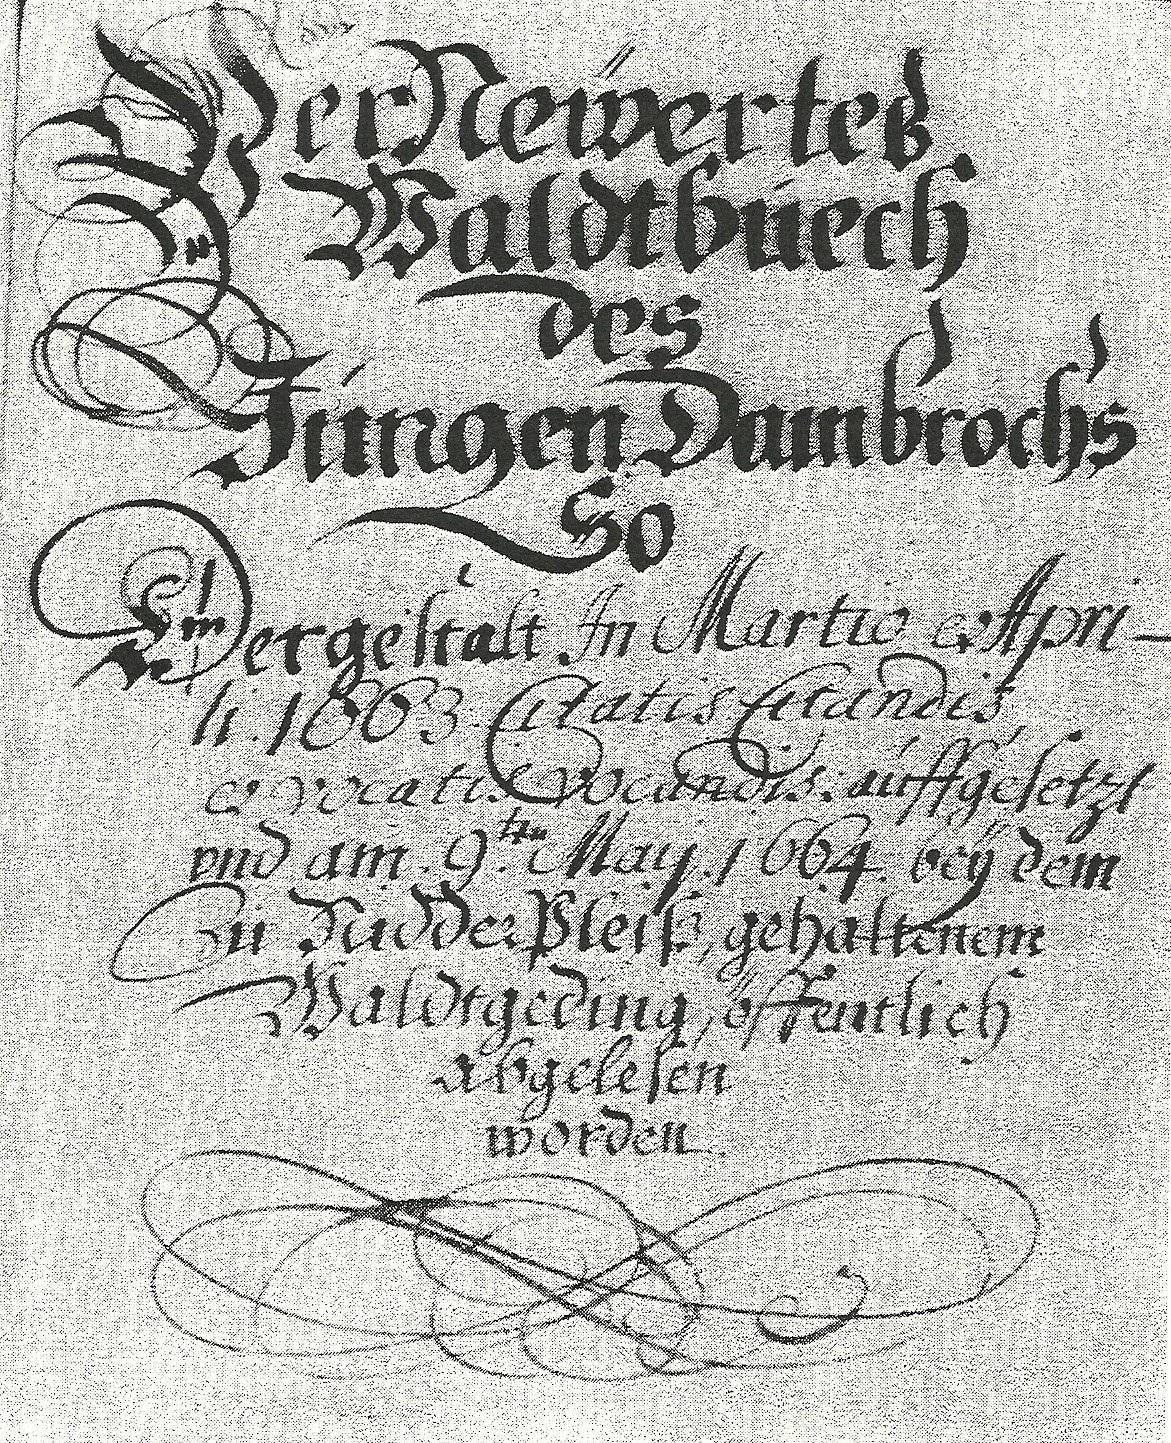 Waldtbuch_1663